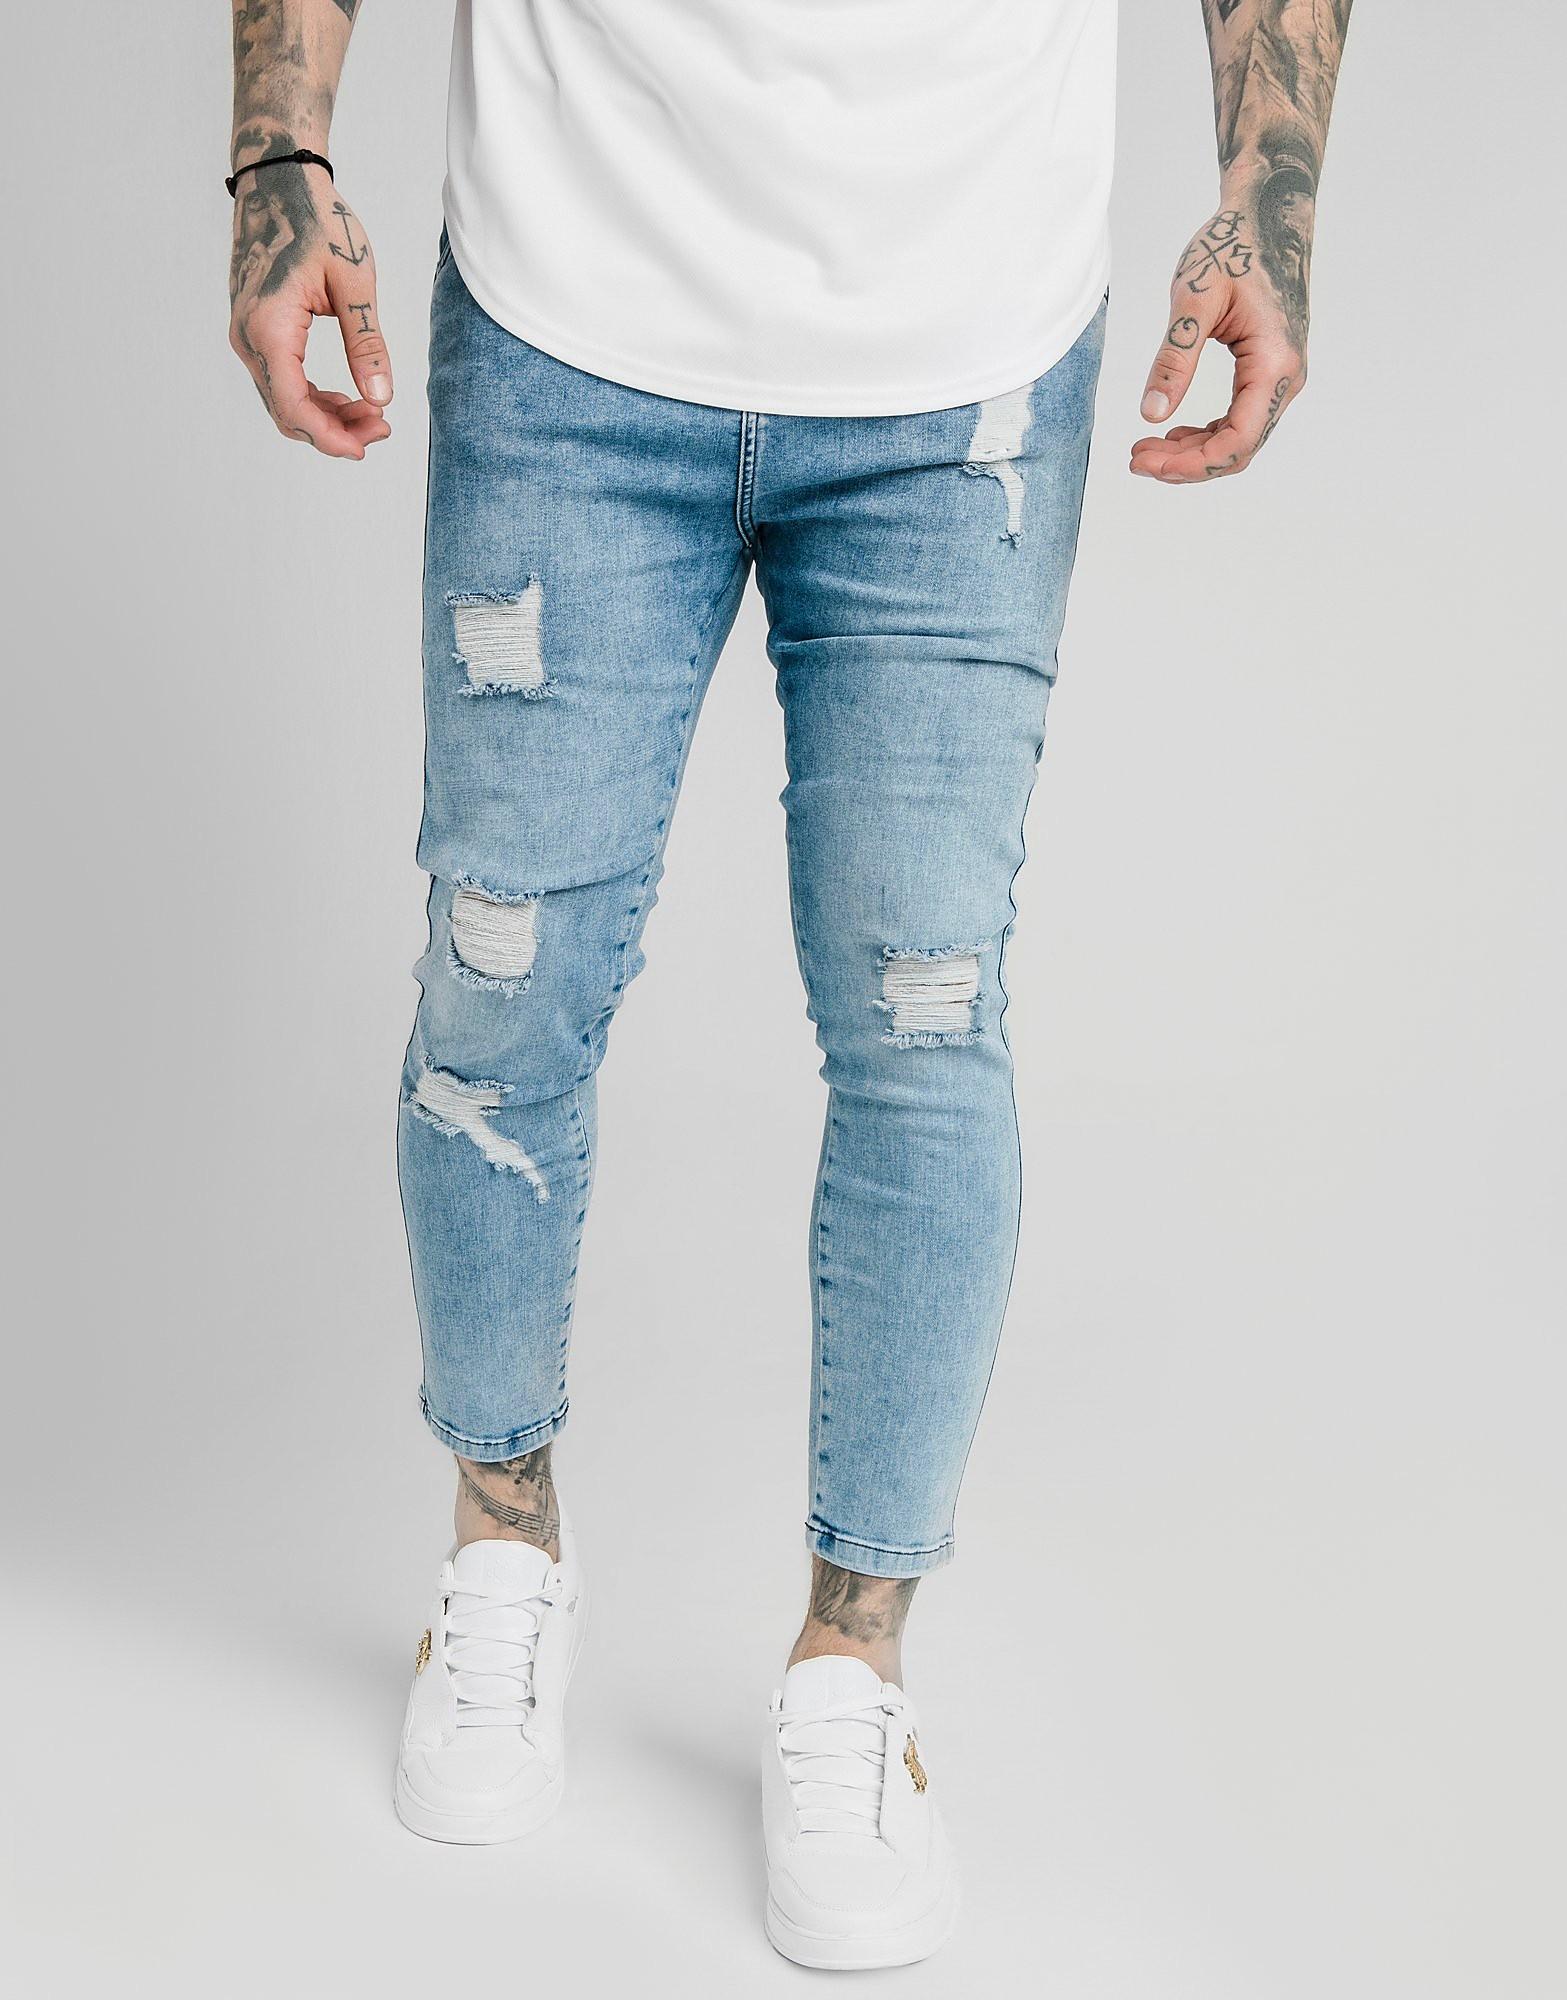 SikSilk Skinny Jeans Herren - Blau - Mens, Blau